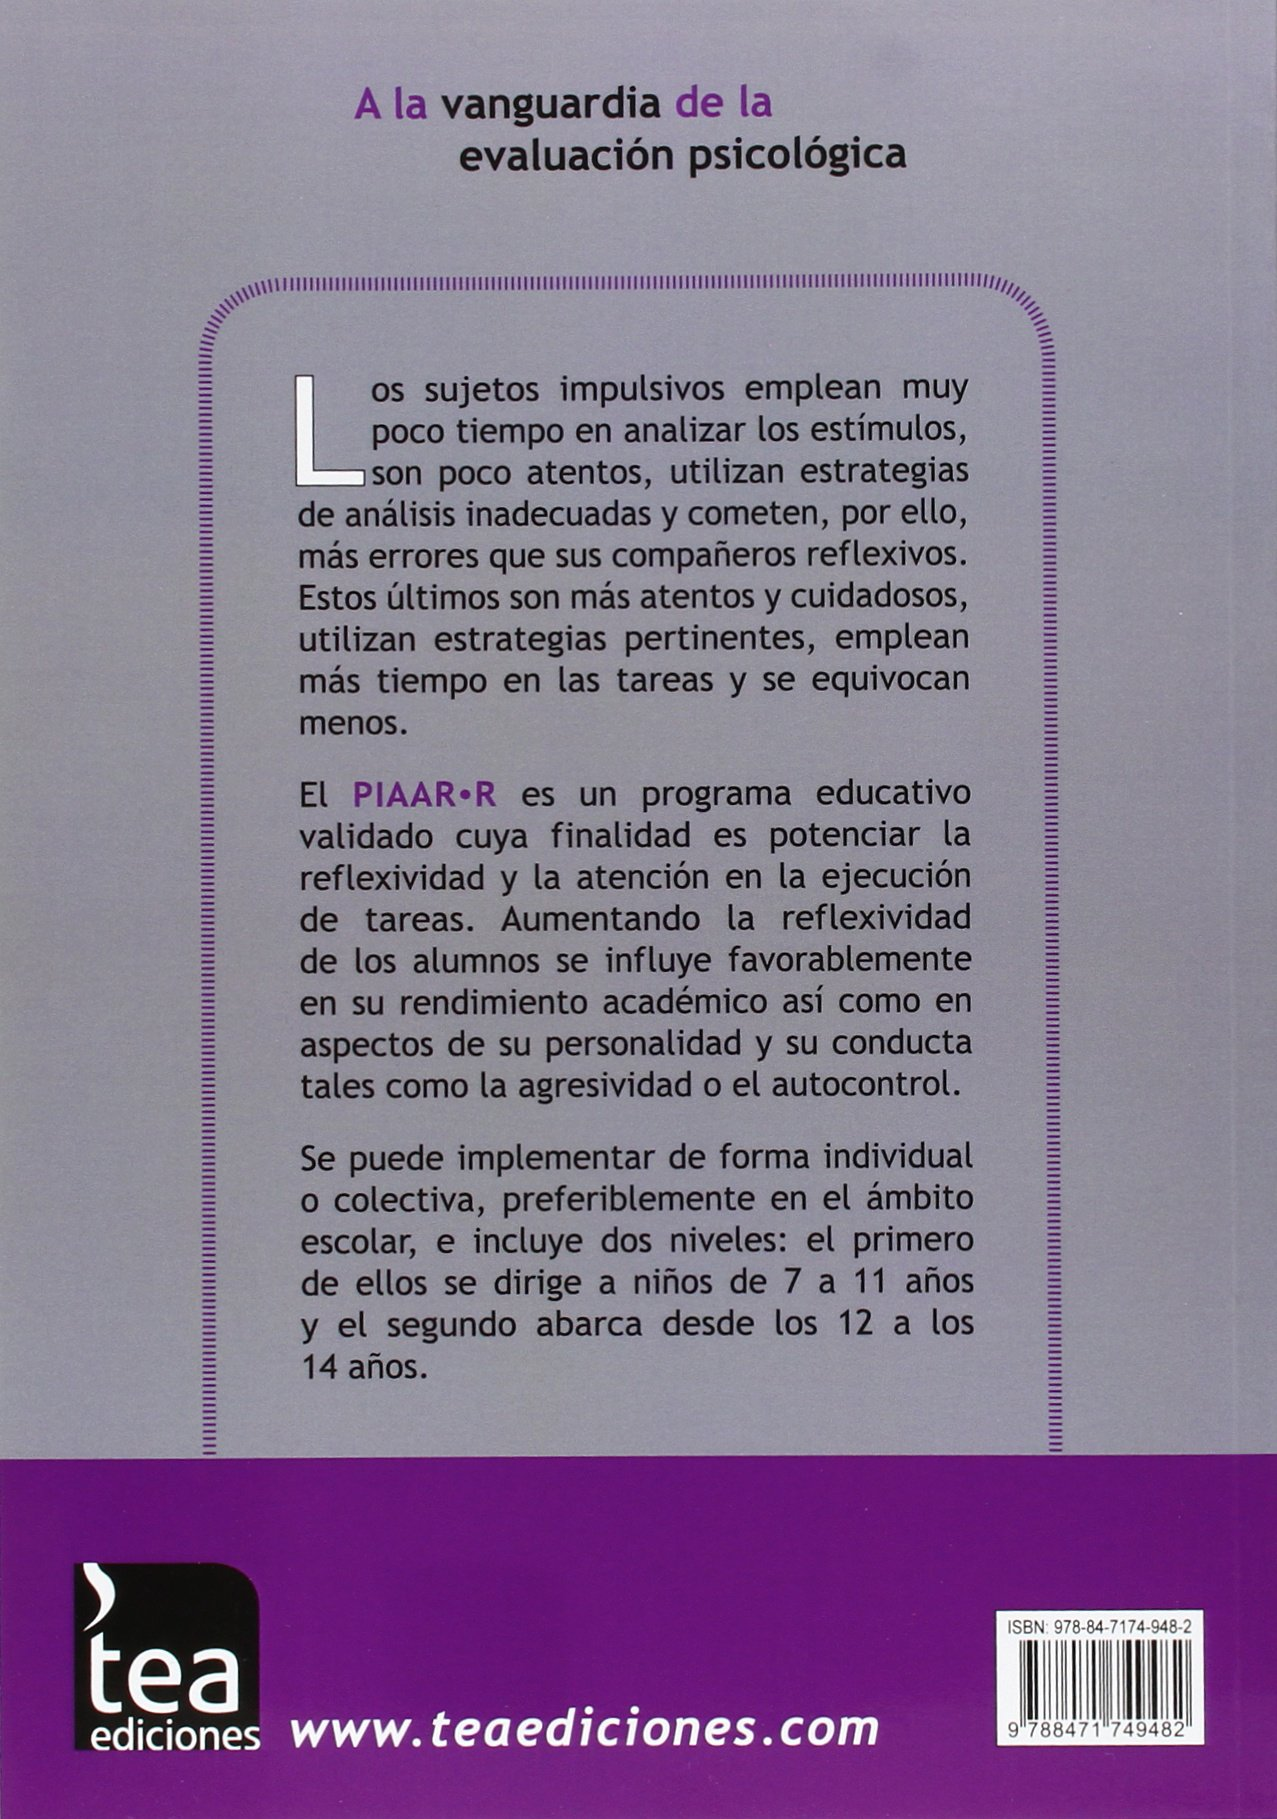 PIAAR-R. Programa de Intervención educativa para aumentar la atención y la reflexividad: 9788471749482: Amazon.com: Books